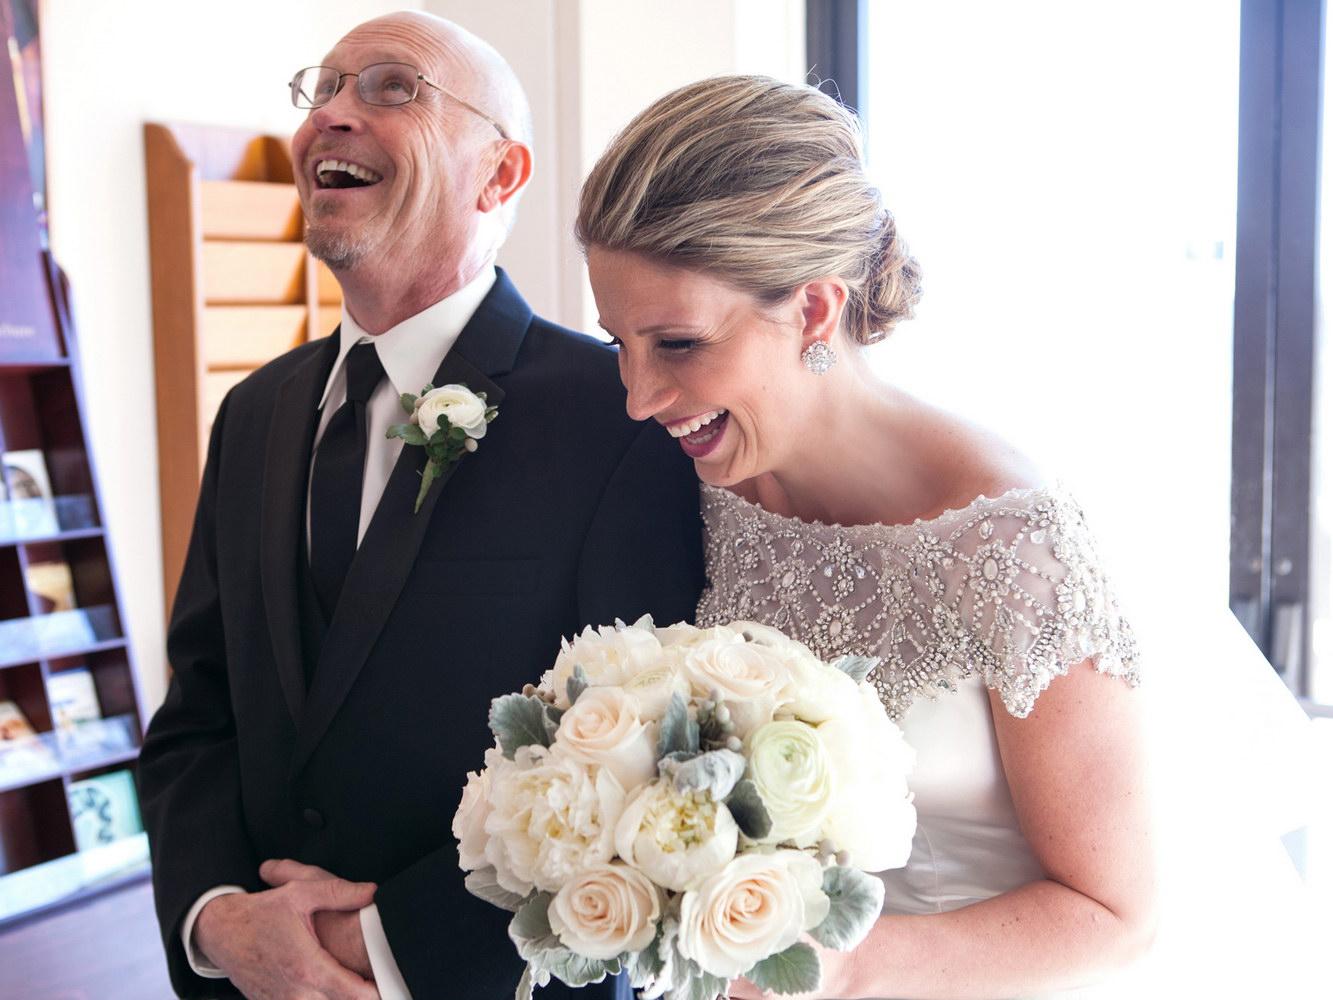 Ce poarta tata socru la nunta